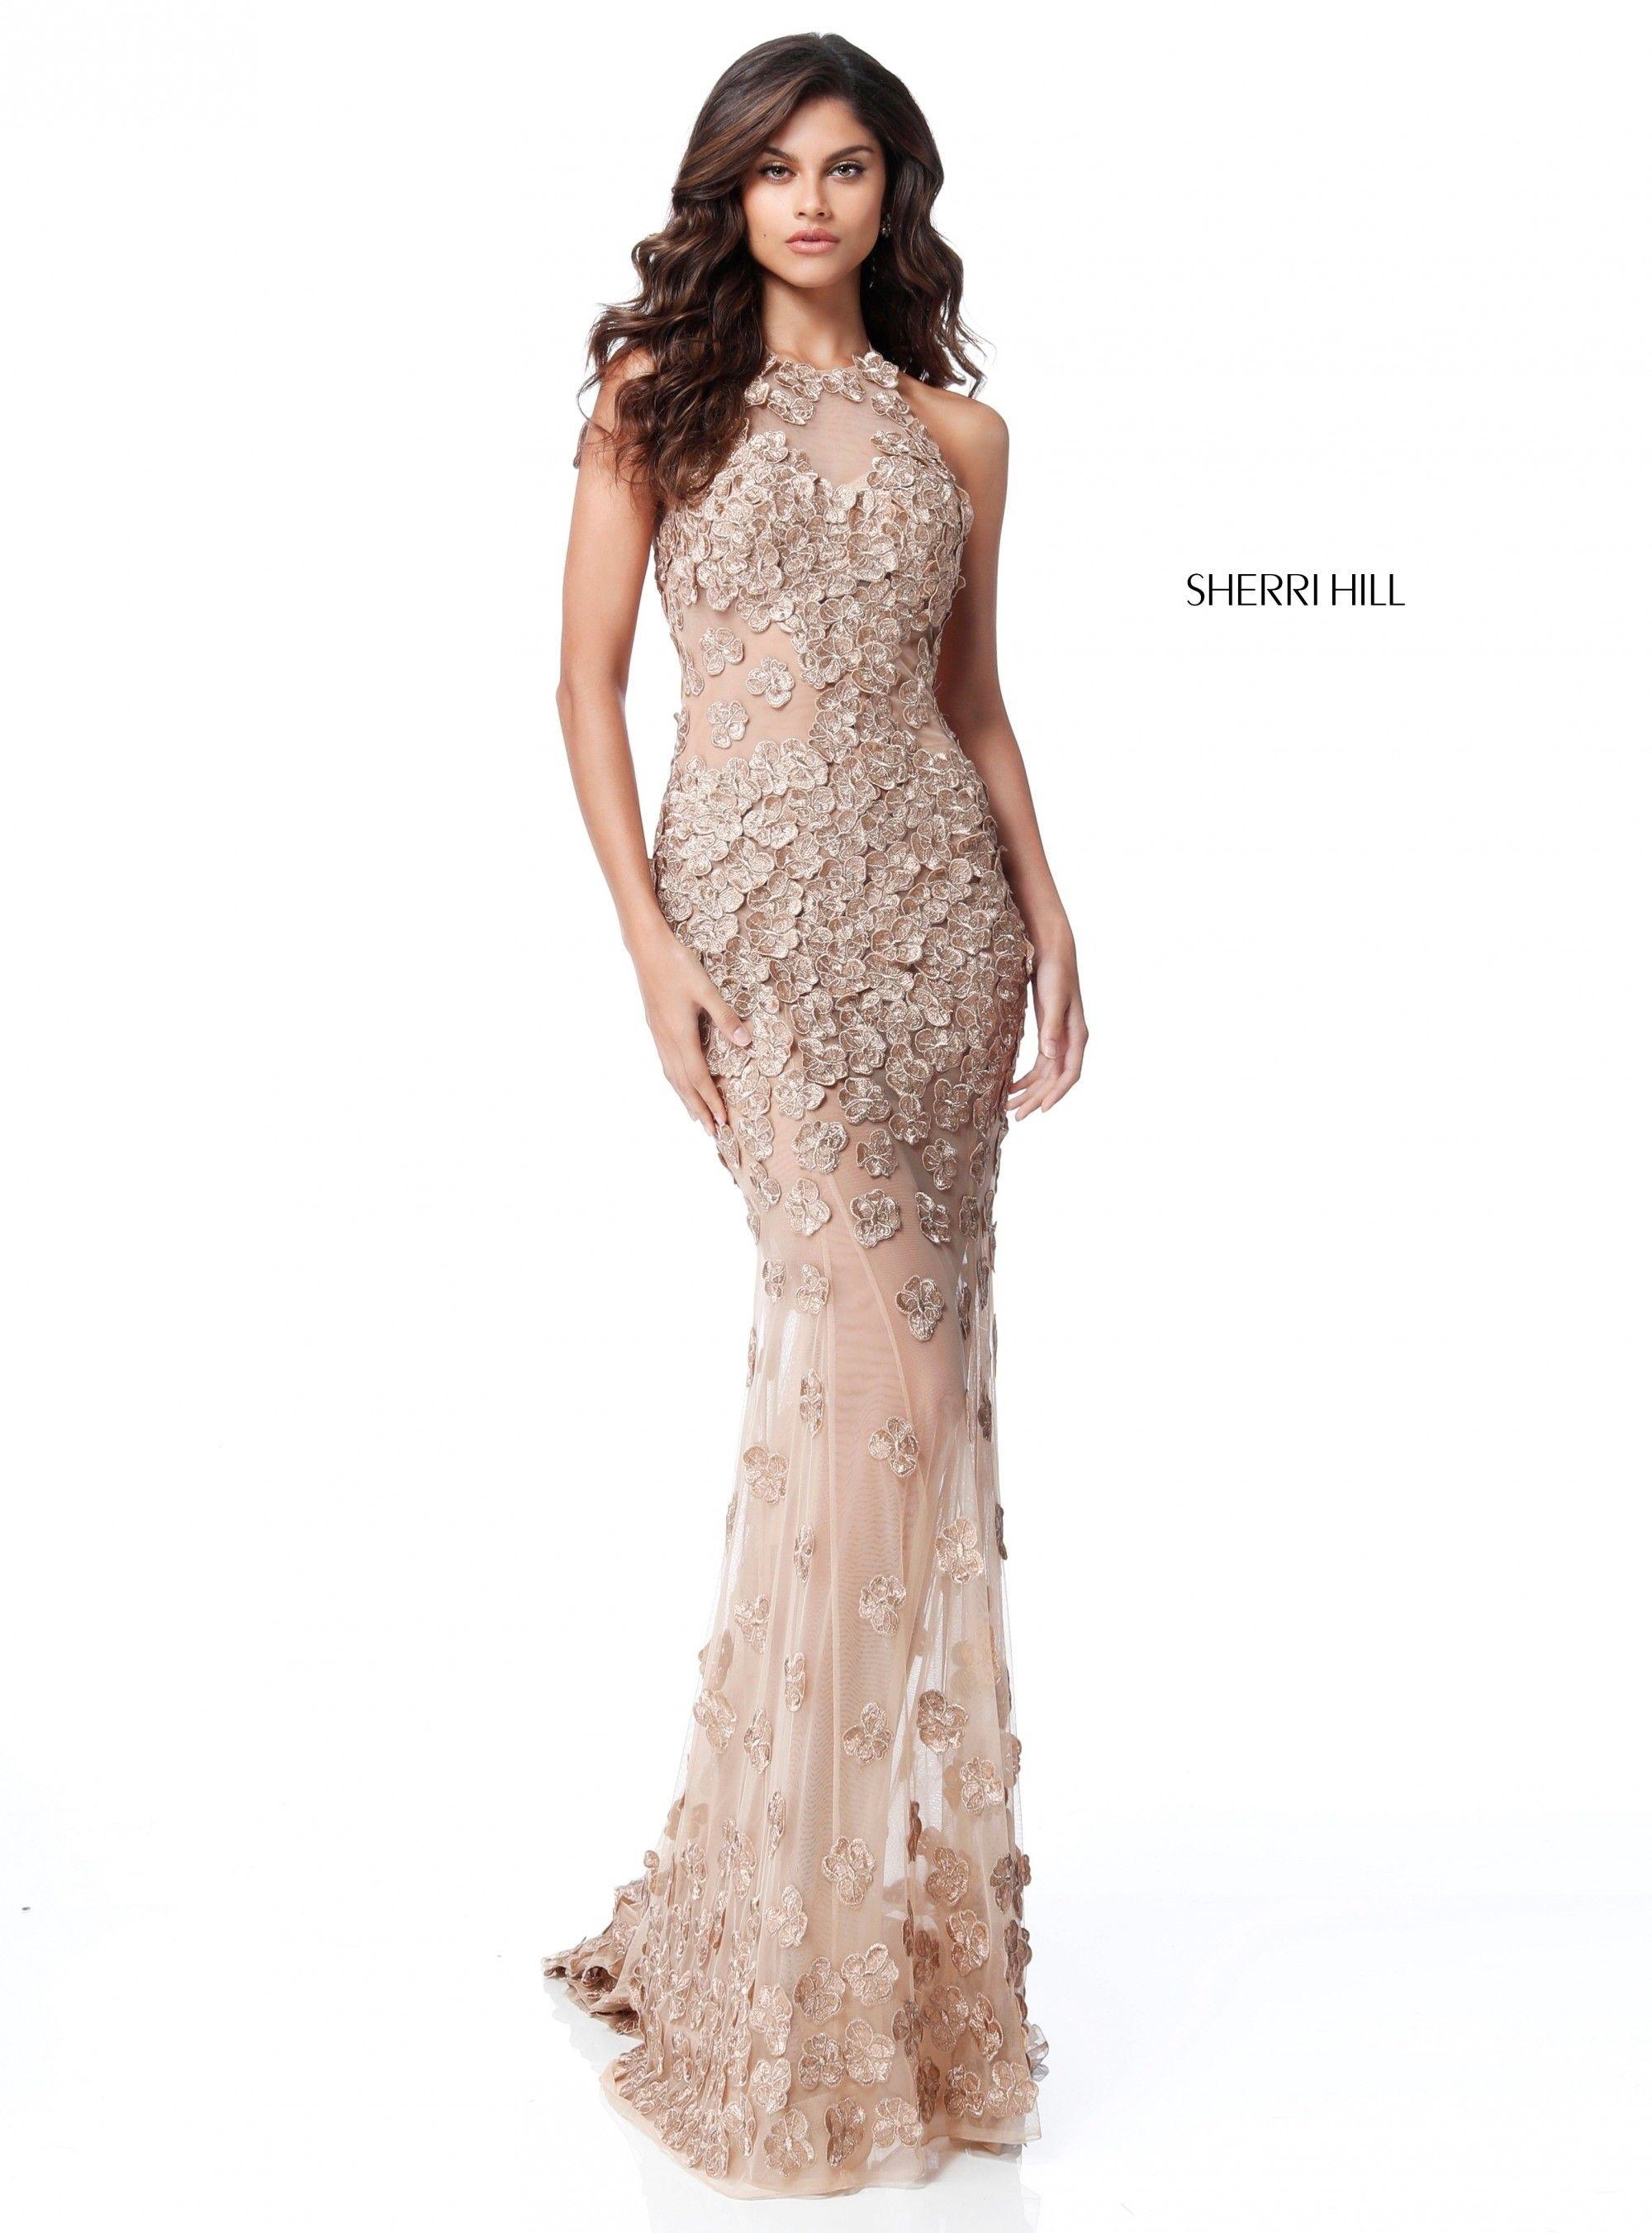 Gold Sherri Hill 51660 Halter Open Back Beaded Net Long Prom Dress